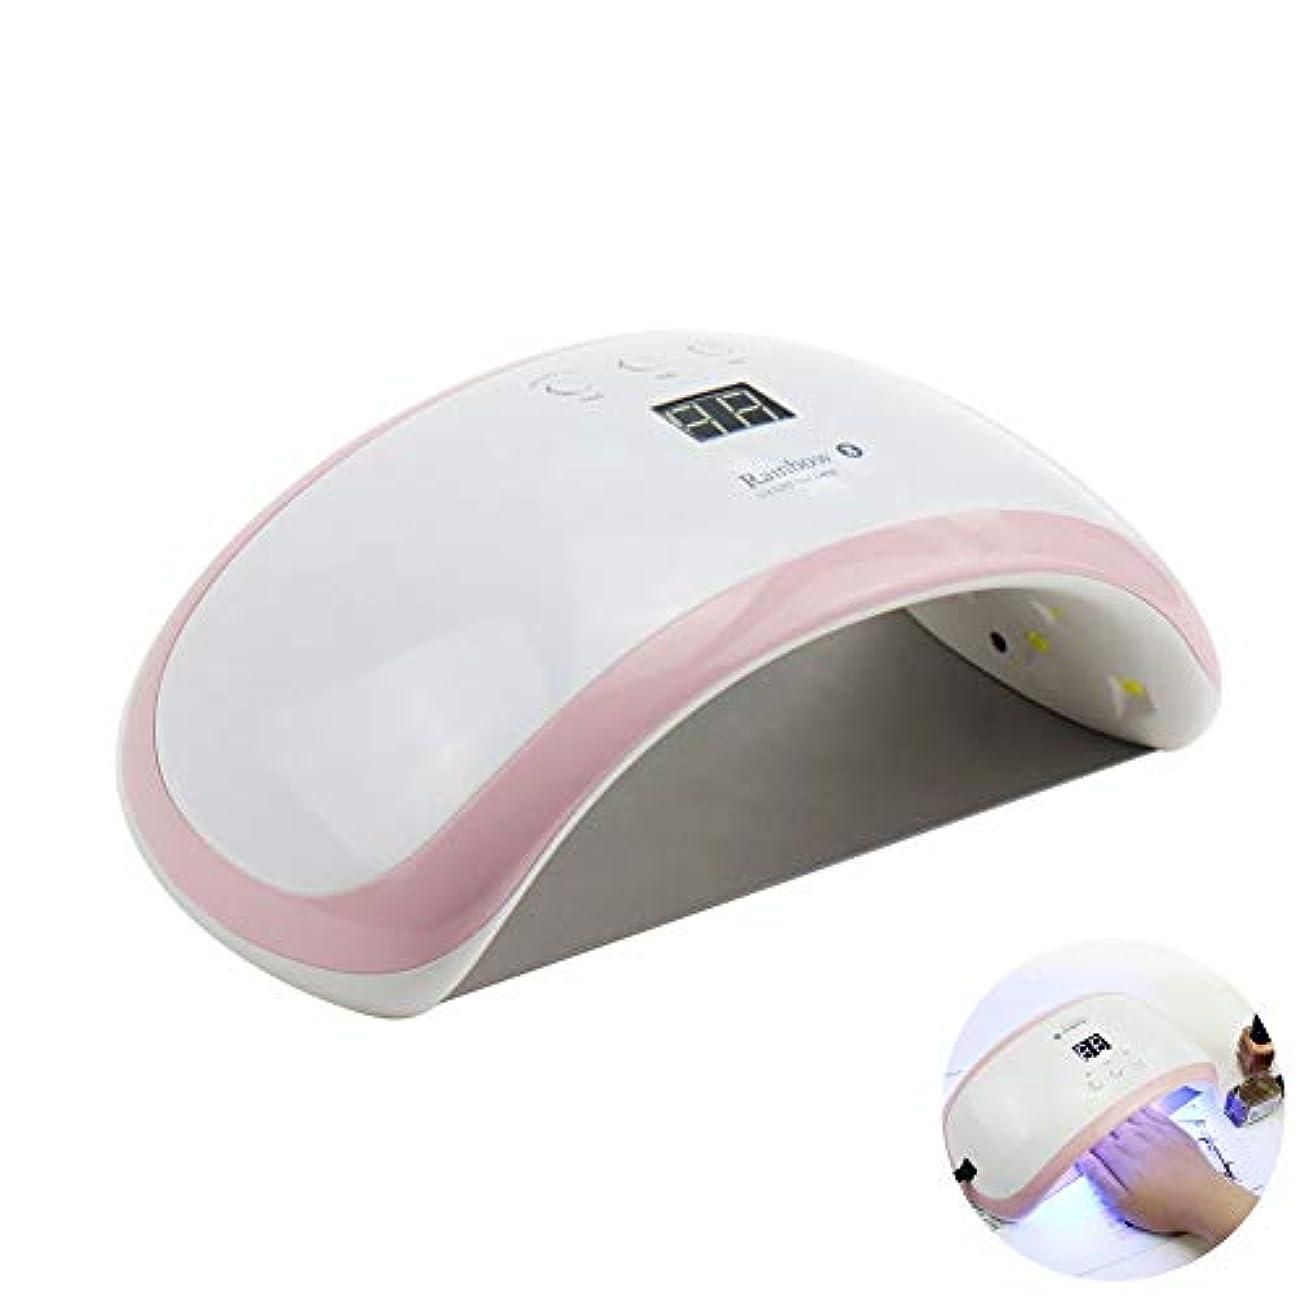 カビサンダル魔女UV LEDネイルドライヤープロフェッショナルライトセラピーマニキュアランプジェルポリッシュを硬化させるためのスマート紫外線器具